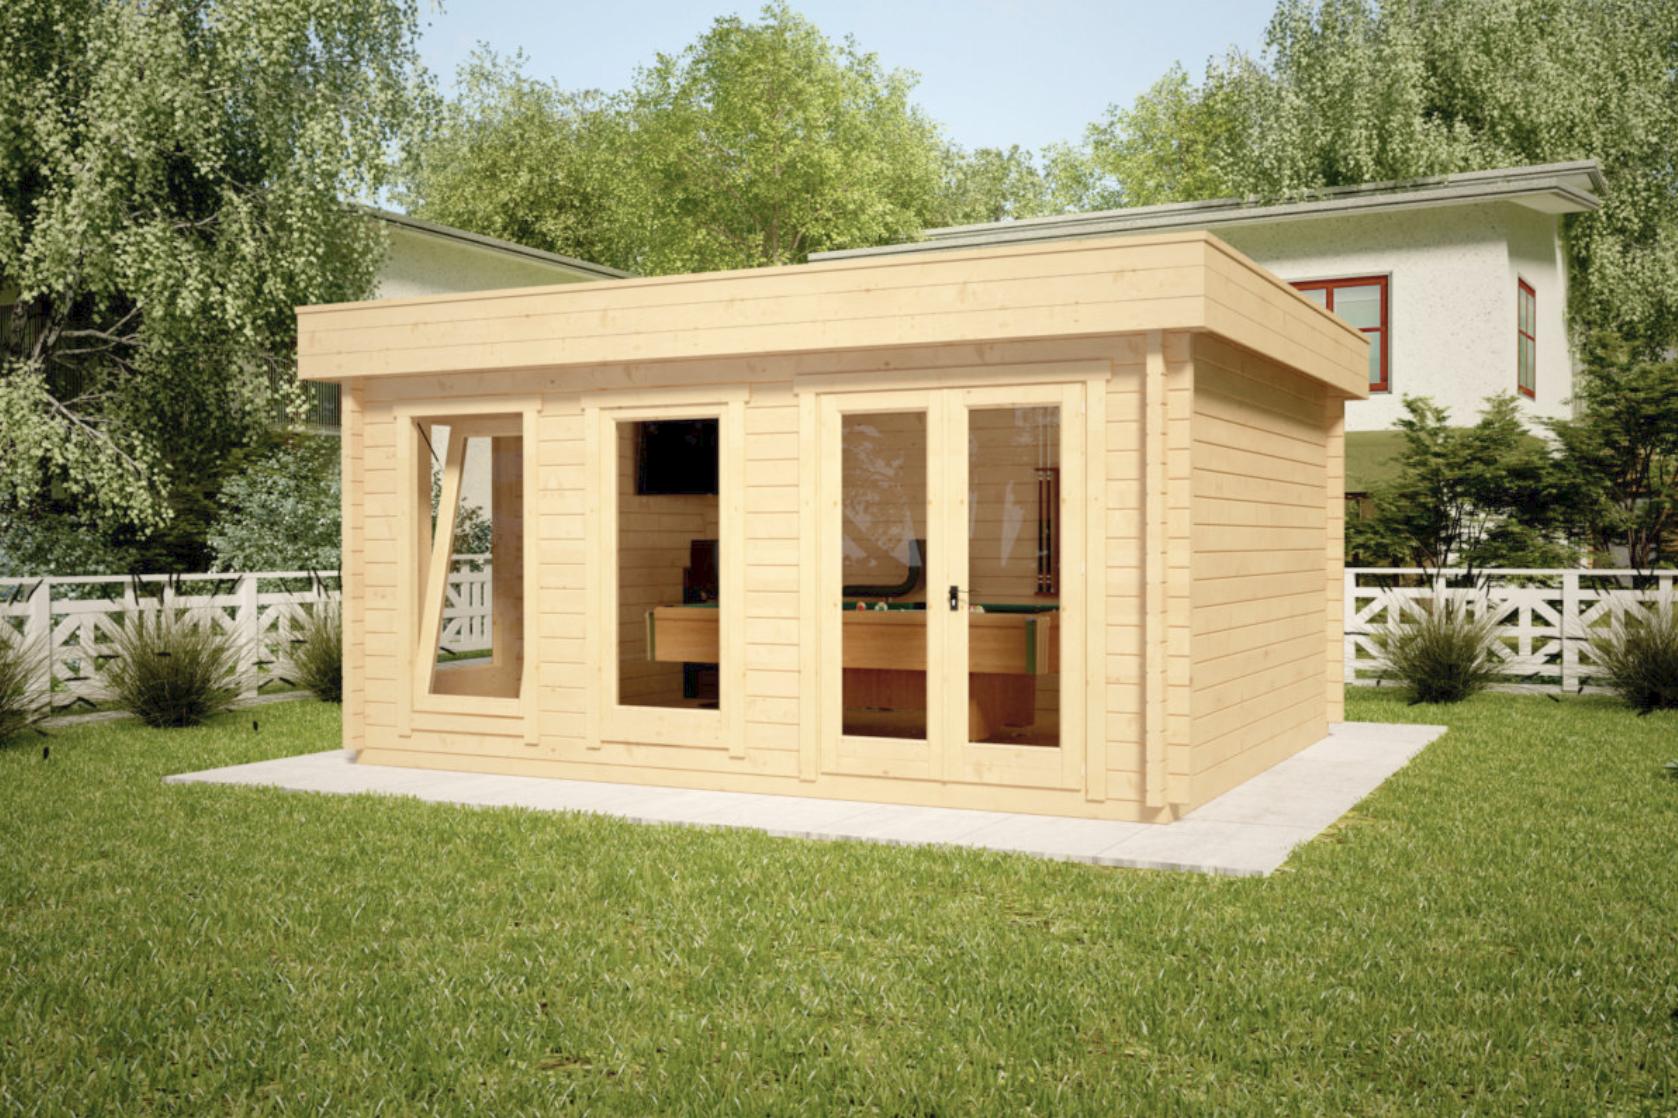 Casette di legno koala casette in legno di design - Casette legno giardino prezzi ...